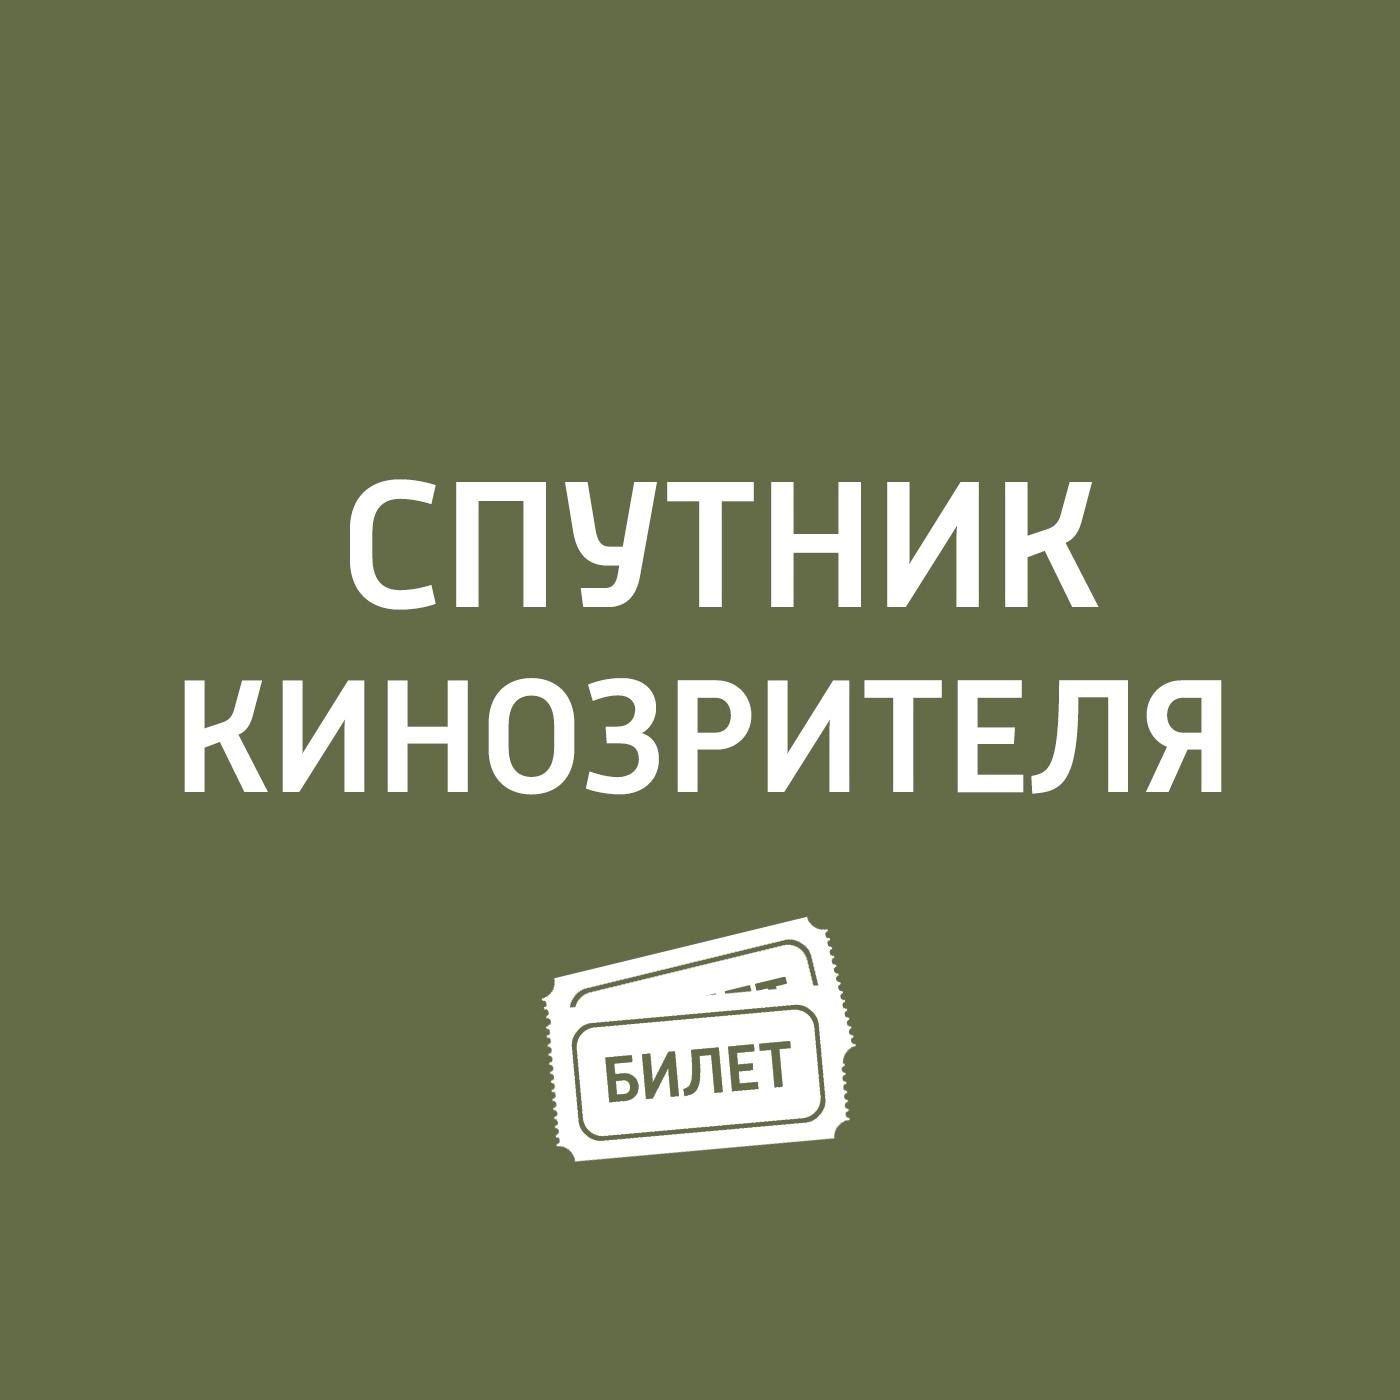 Антон Долин Лок; «Срок; фильмы ММКФ антон долин 39 й ммкф